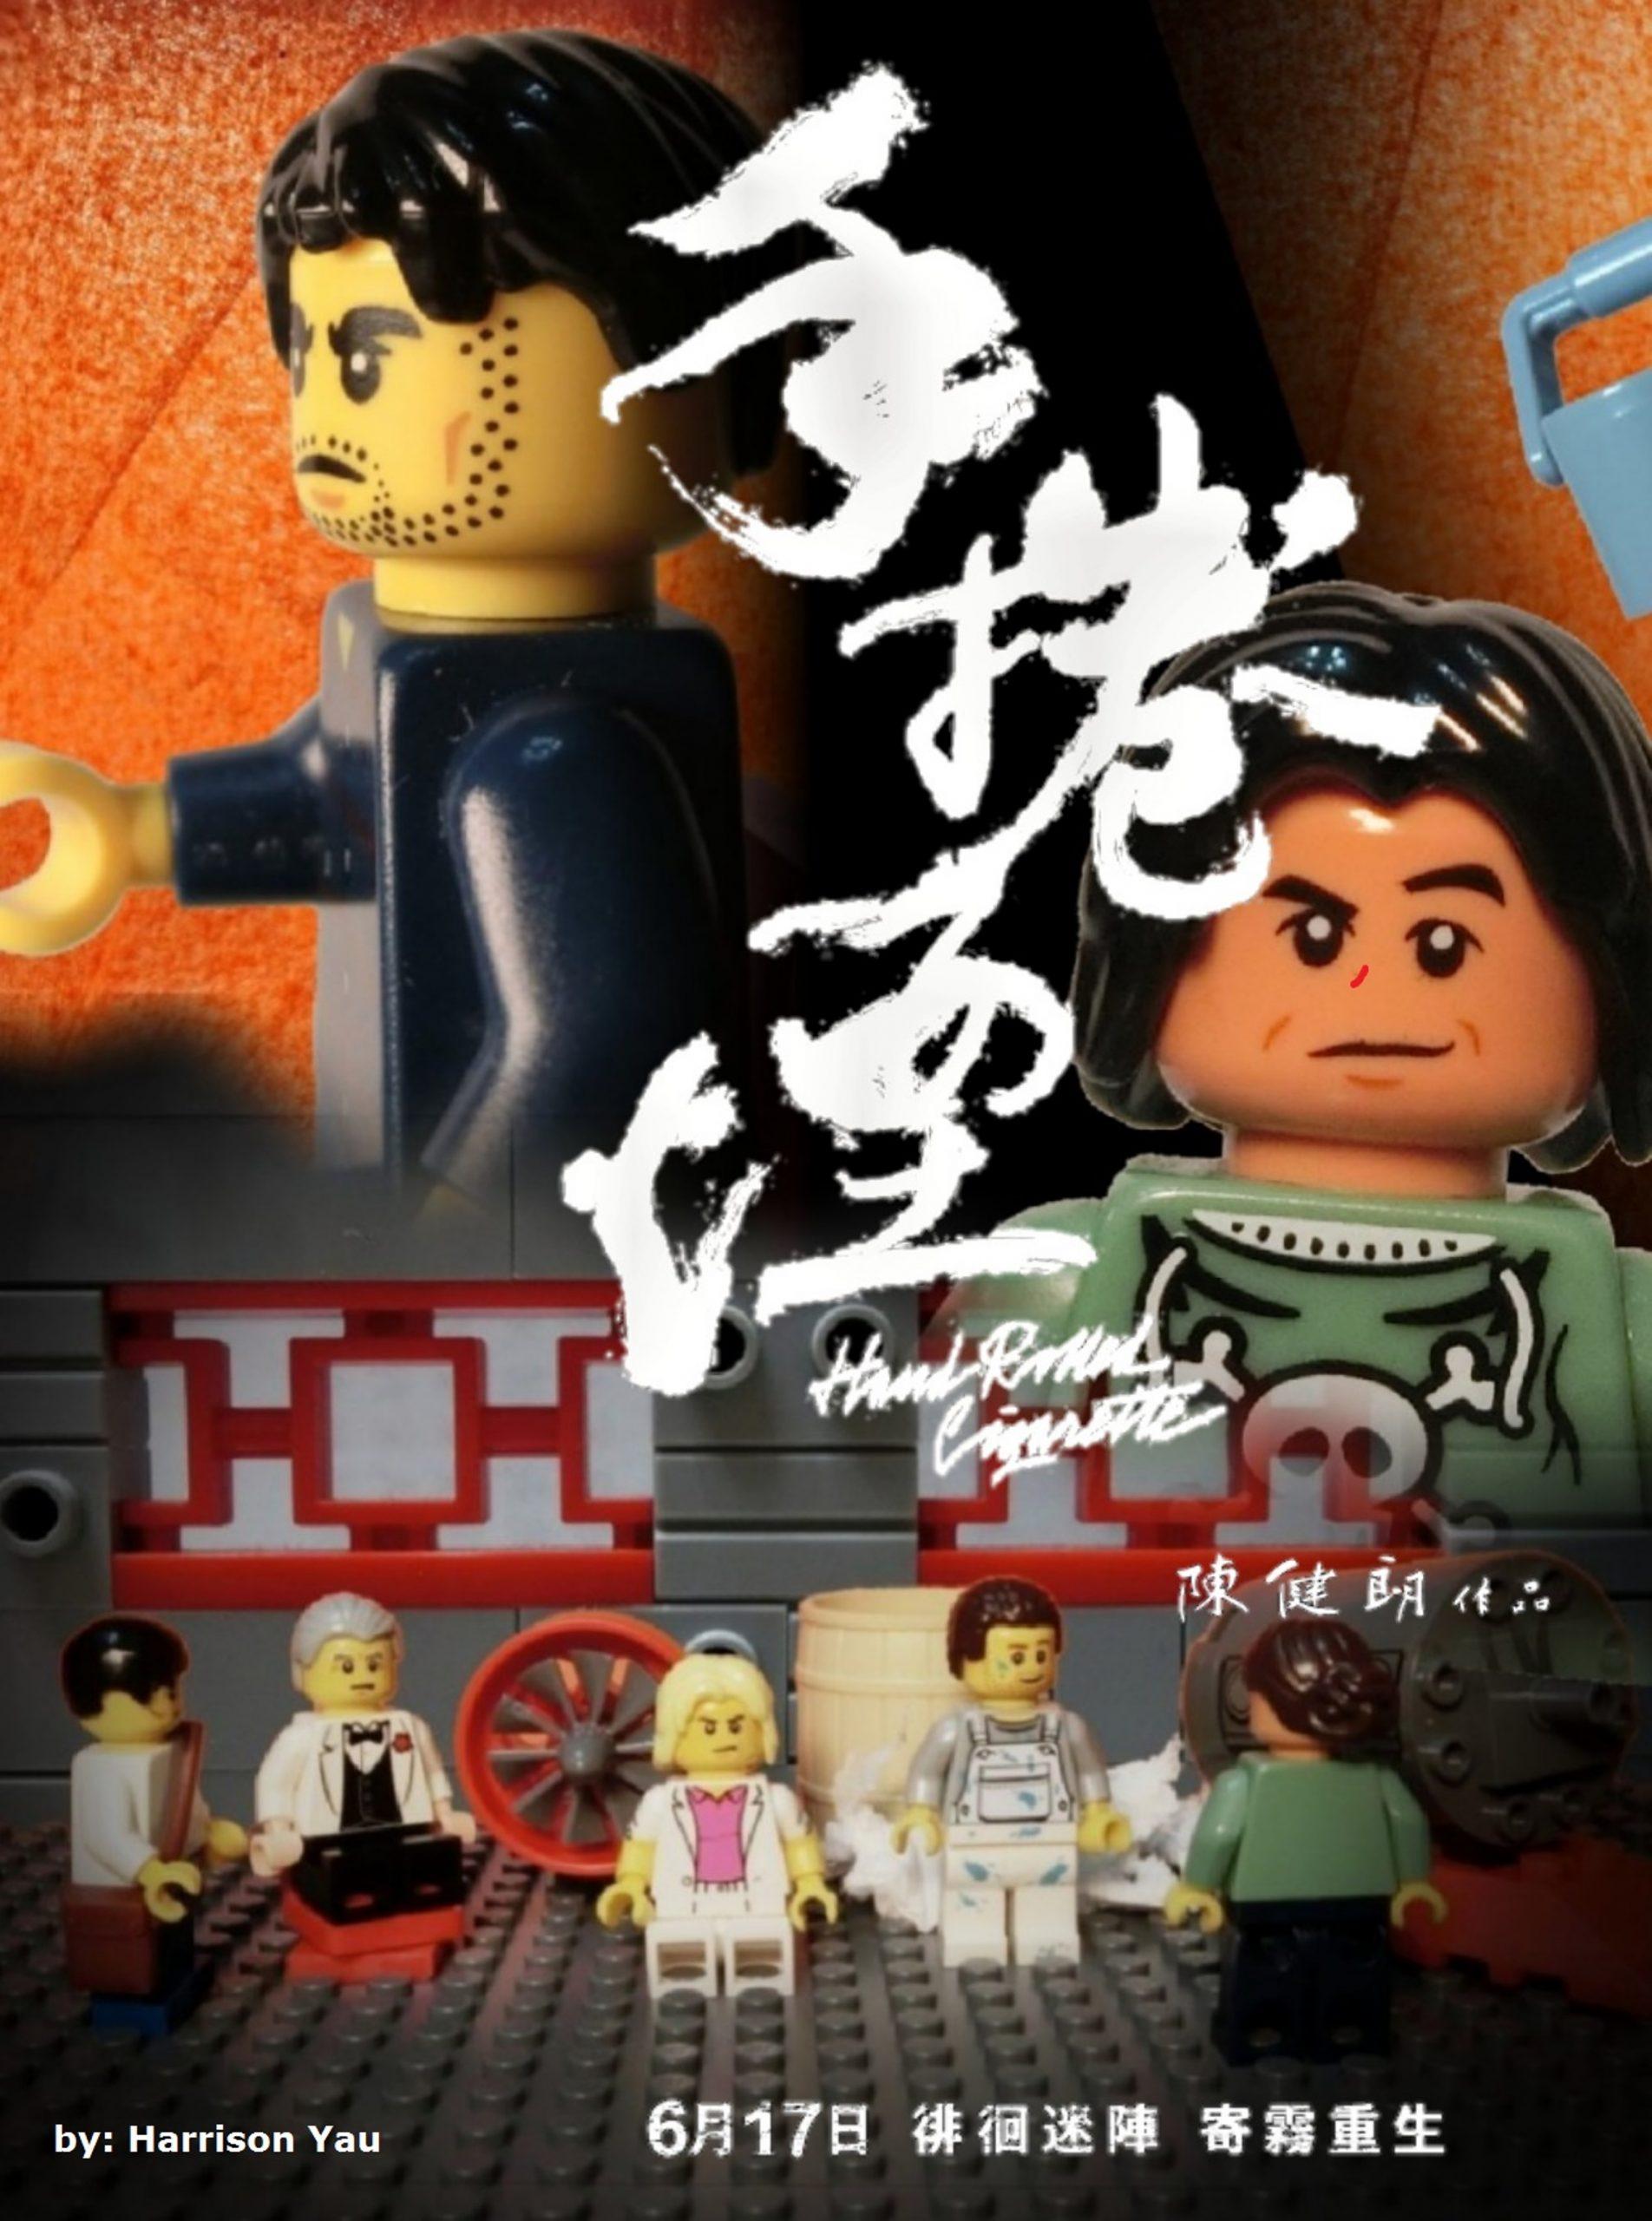 手捲煙 陳健朗 林家棟 Bipin Karma 太保 袁富華 Lego